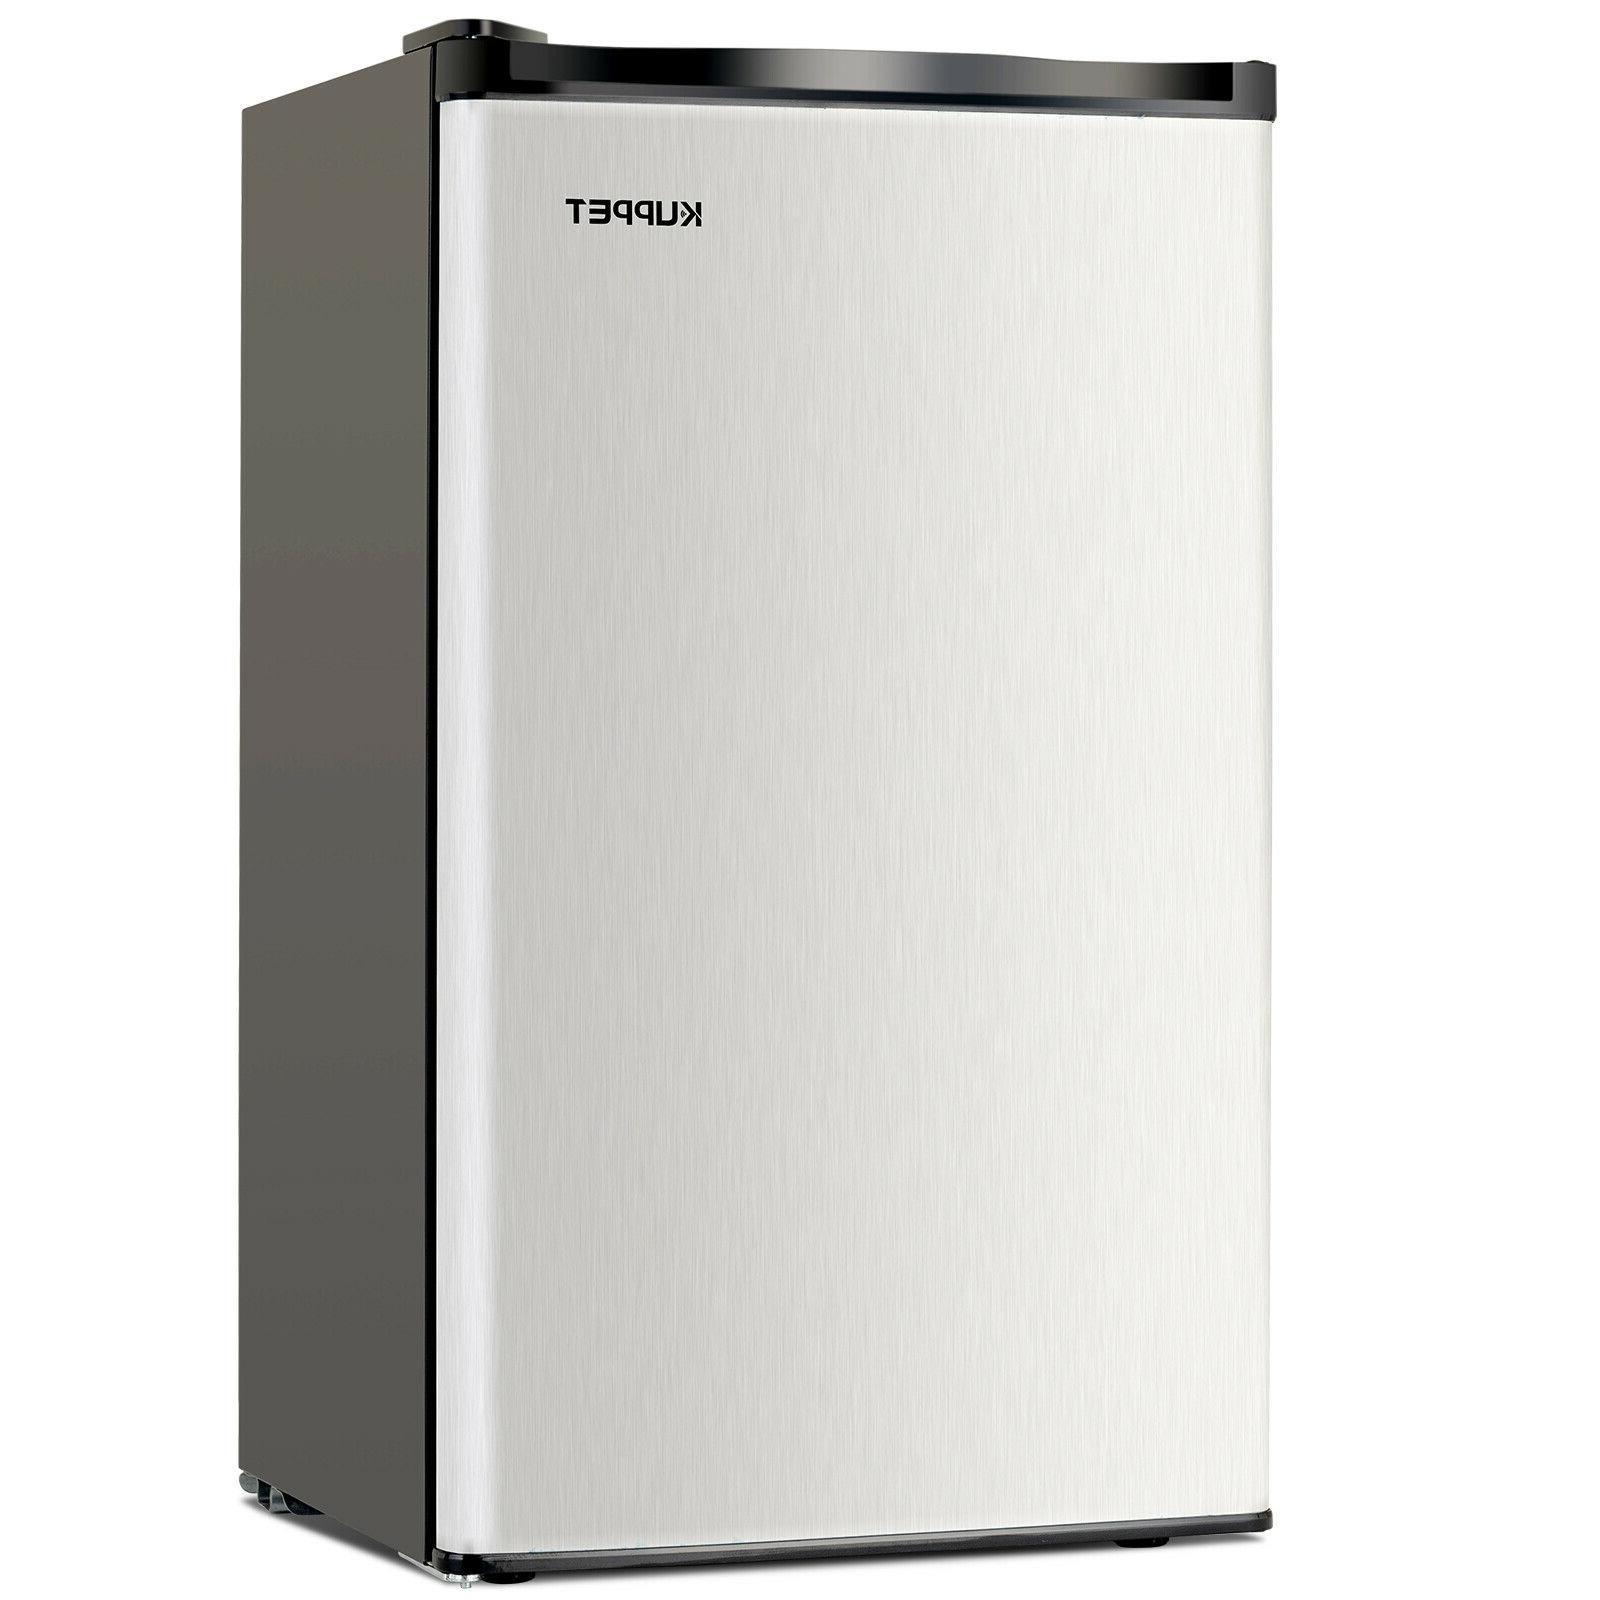 3.2 Mini Refrigerator Compact Black & Silver